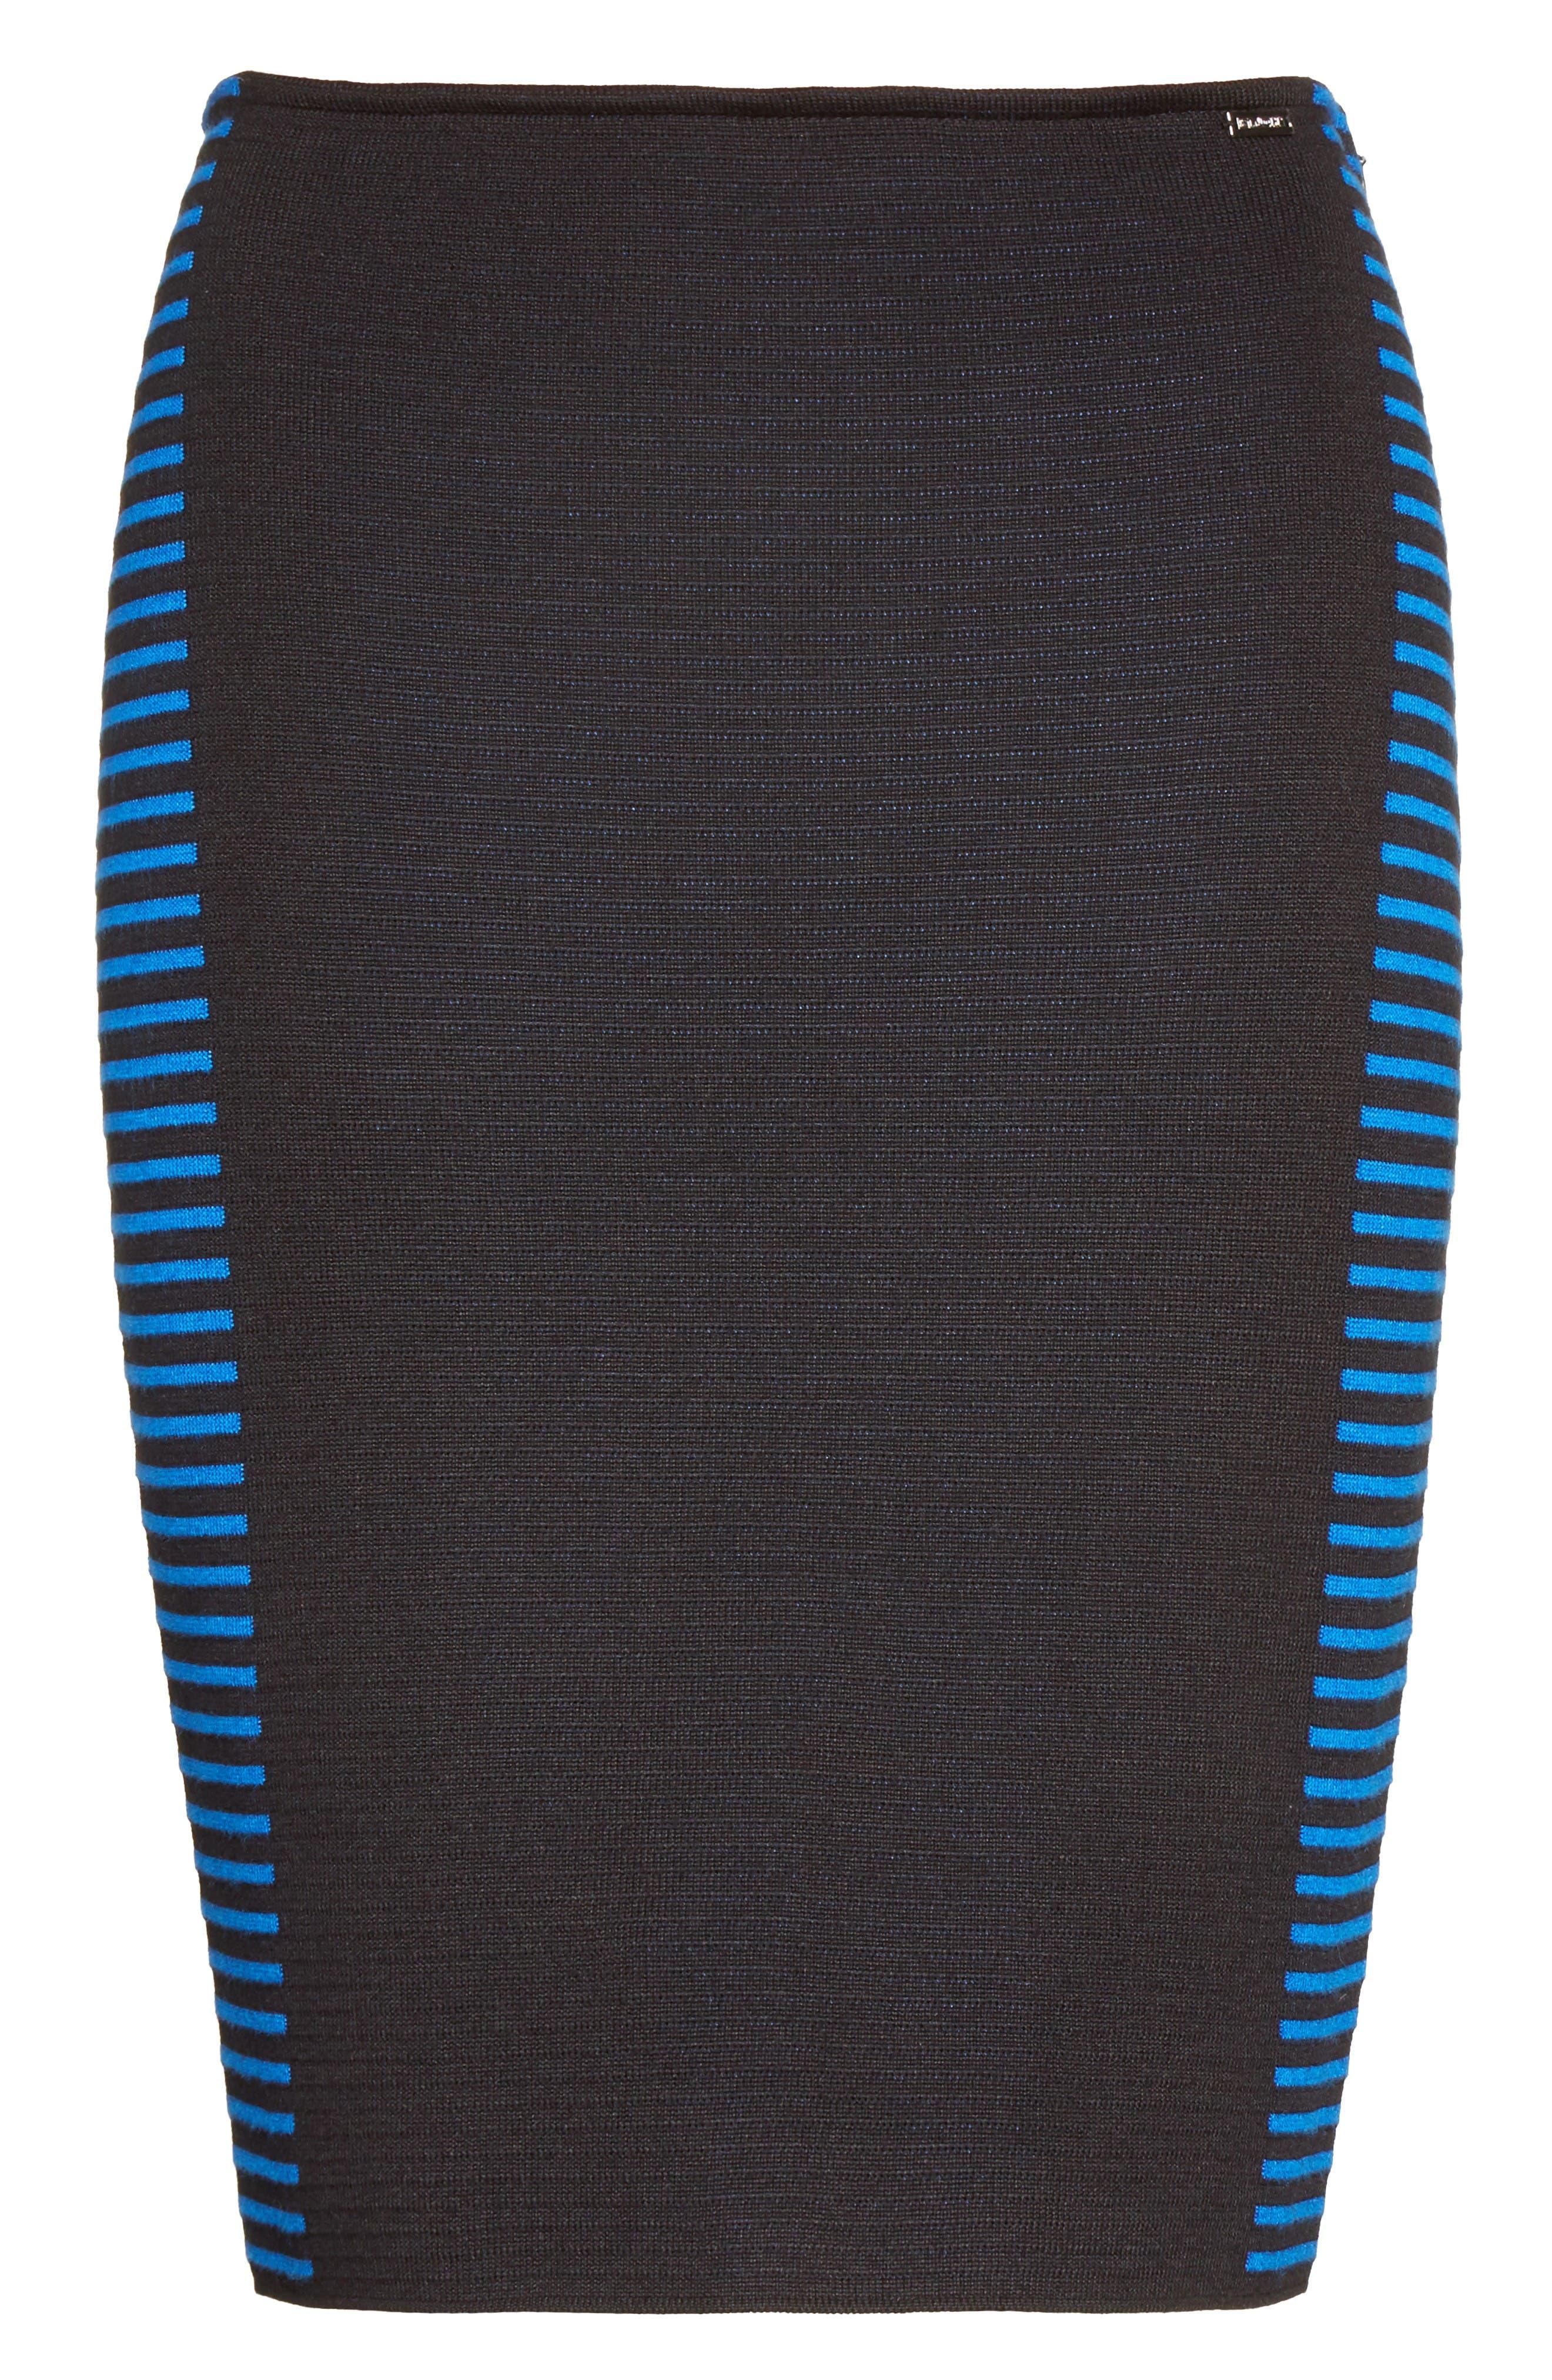 Stripe Knit Jacquard Pencil Skirt,                             Alternate thumbnail 7, color,                             Caviar/ Jaya Blue